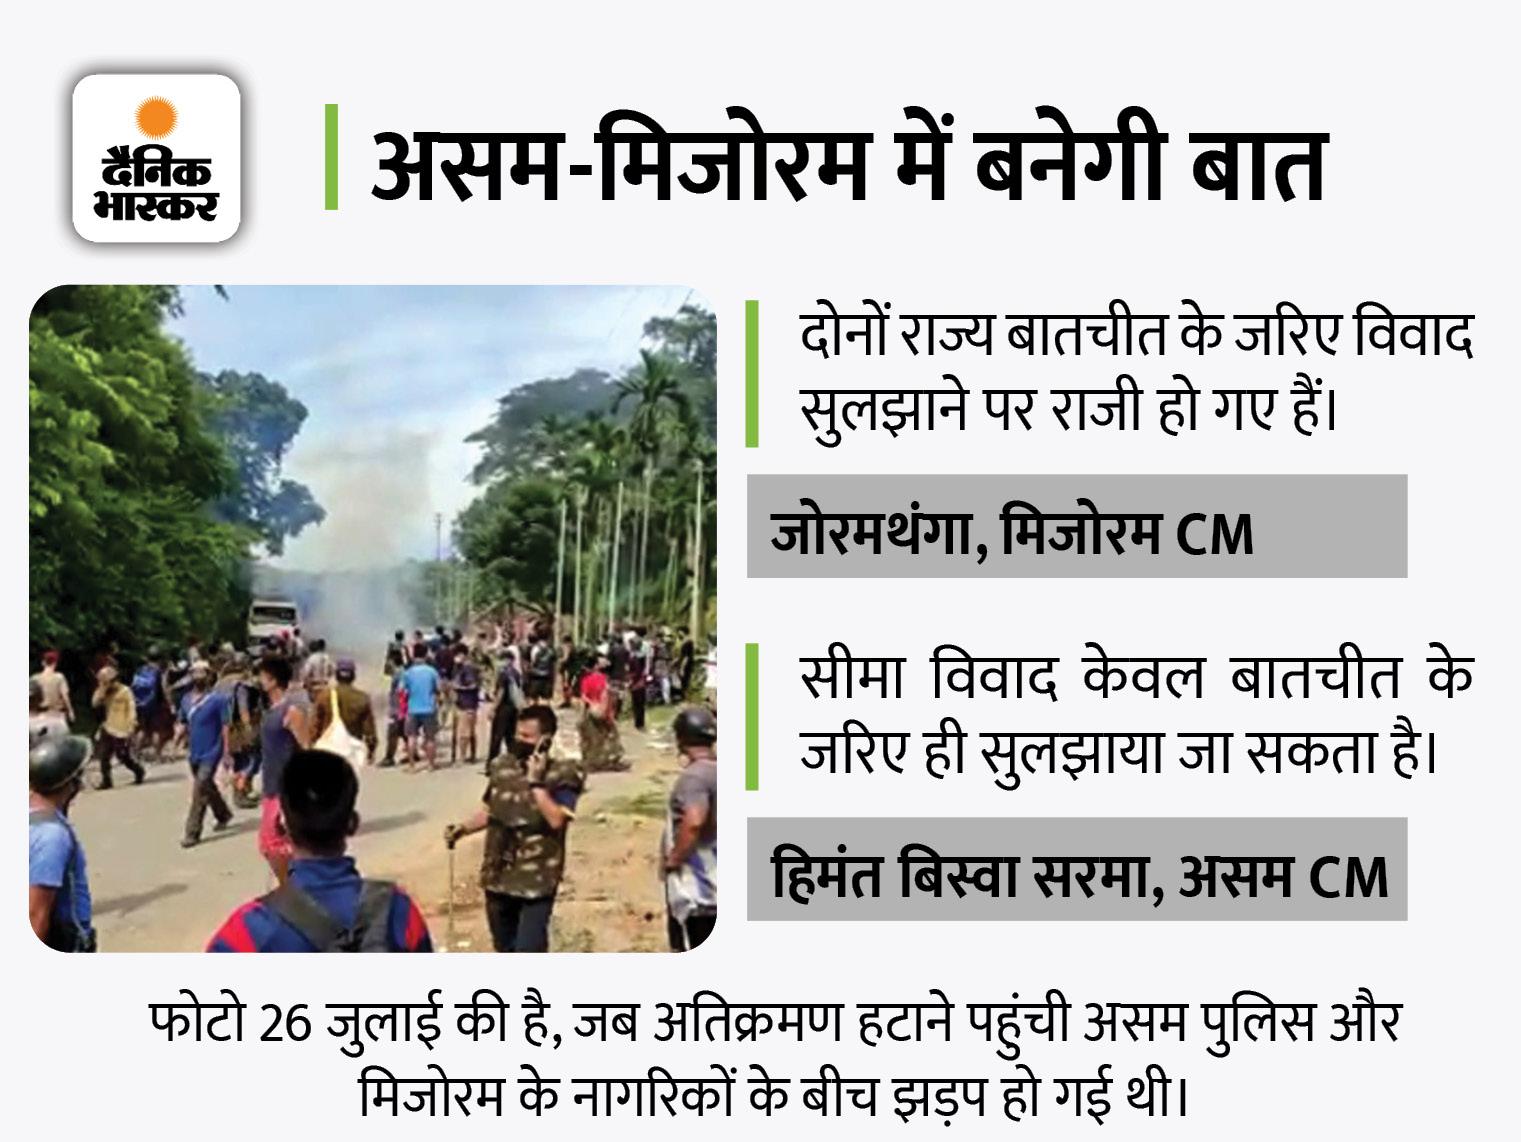 सीमा विवाद के एक हफ्ते बाद असम और मिजोरम के मुख्यमंत्रियों ने फोन पर बात की, हिमंत पर हुई FIR वापस होगी देश,National - Dainik Bhaskar